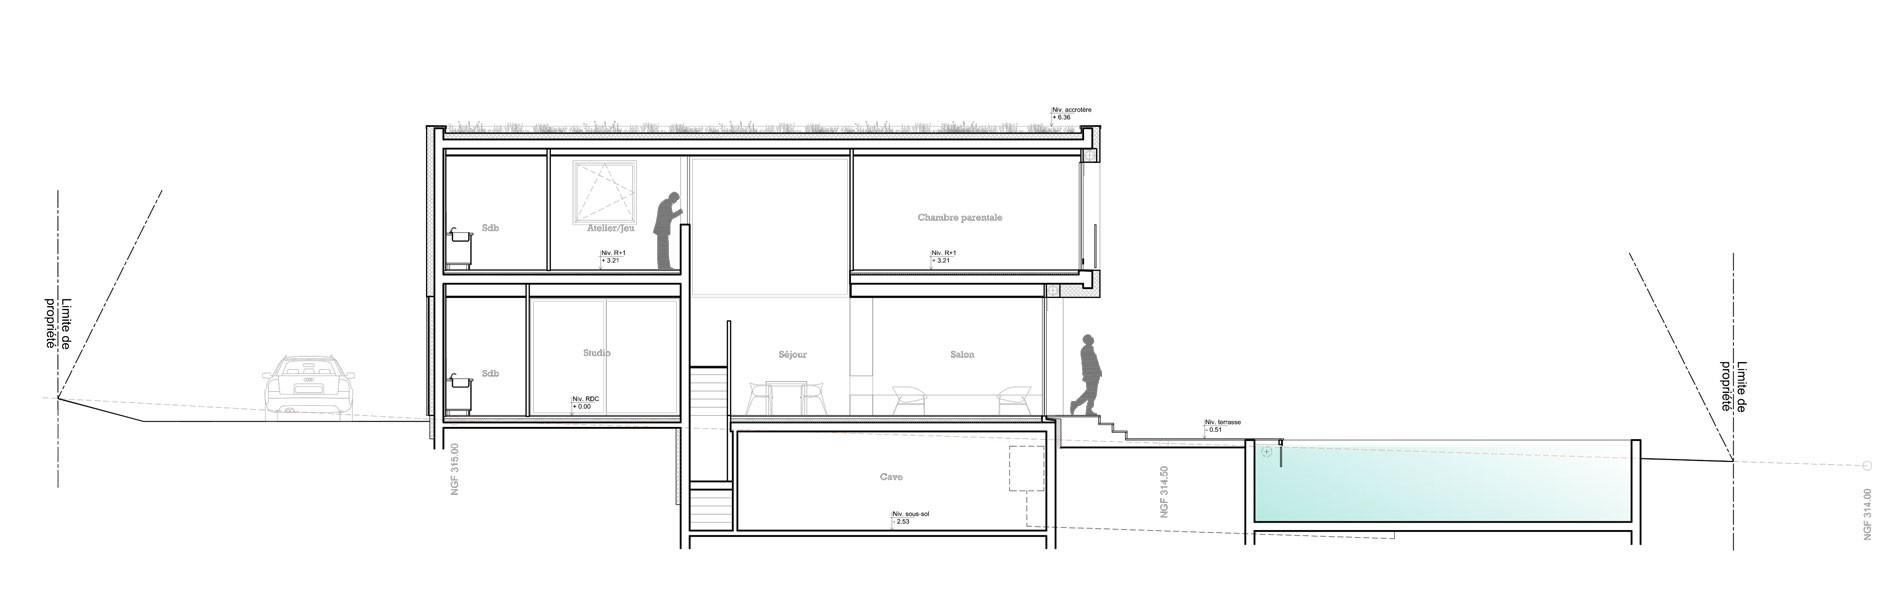 asb-architecture-maison-contemporaine-toiture-terrasse-coupe